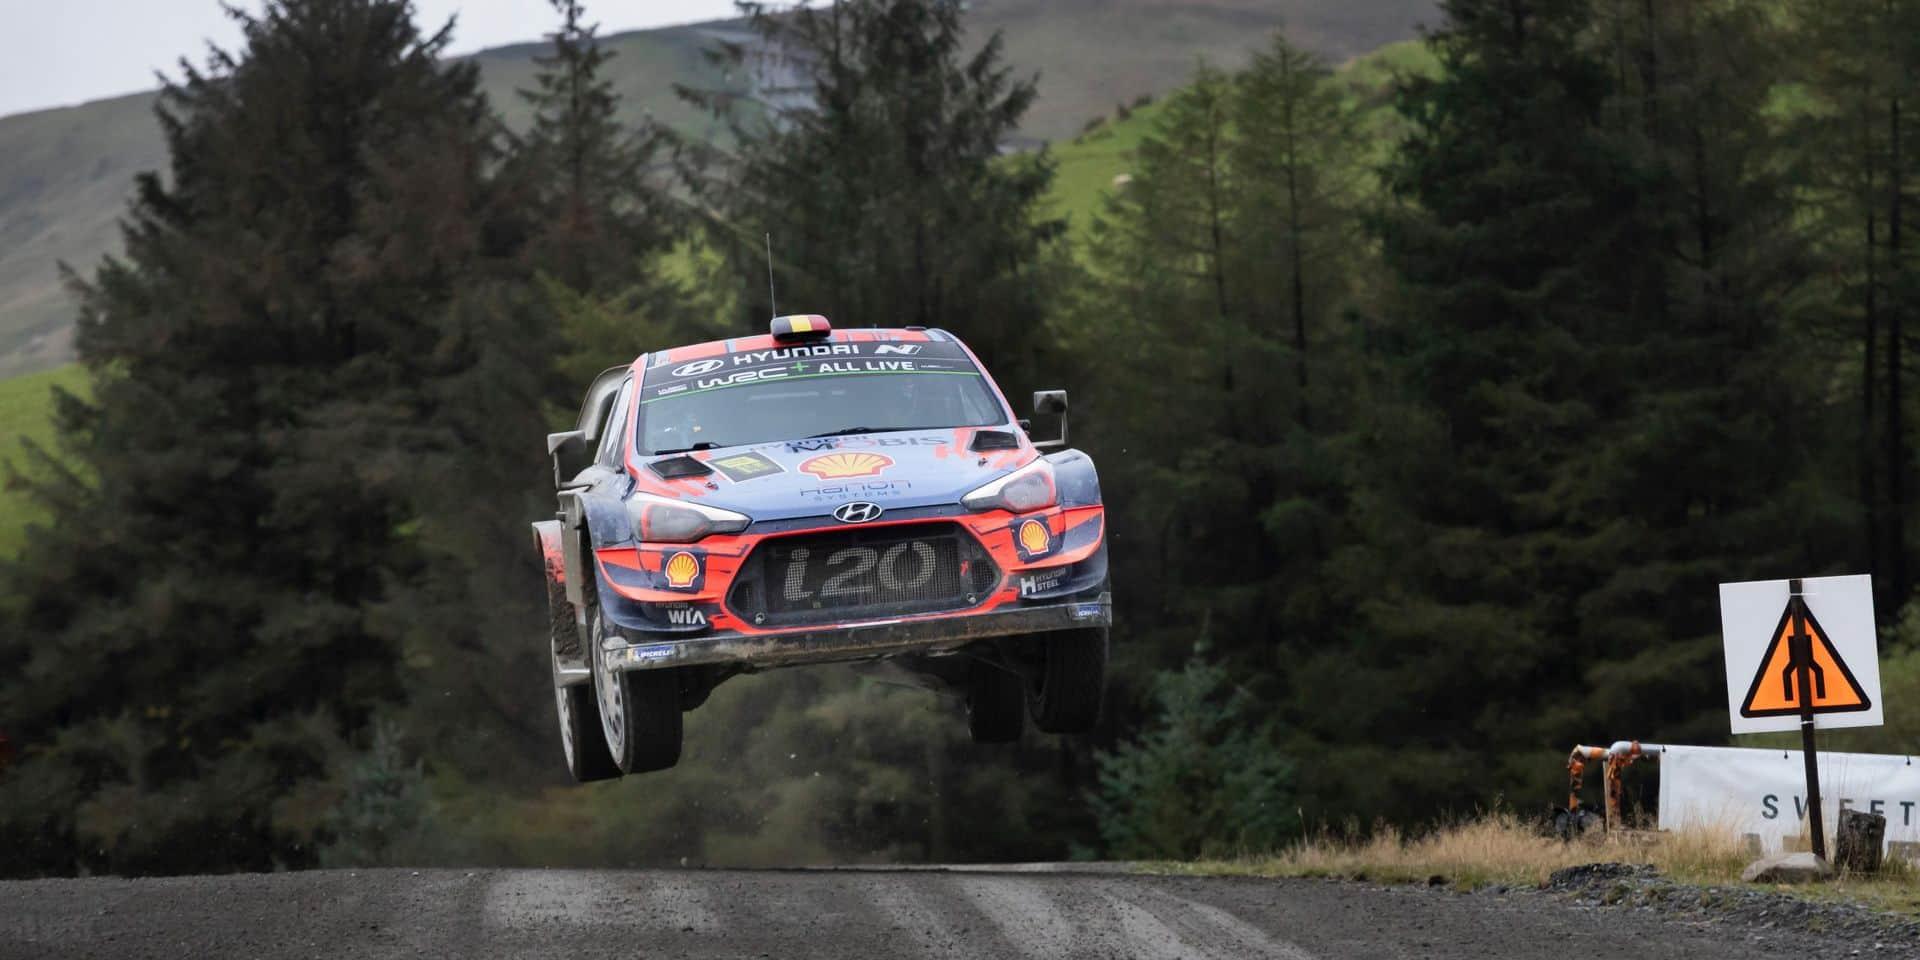 WRC: le Rallye de Grande-Bretagne au pays de Galles à son tour annulé